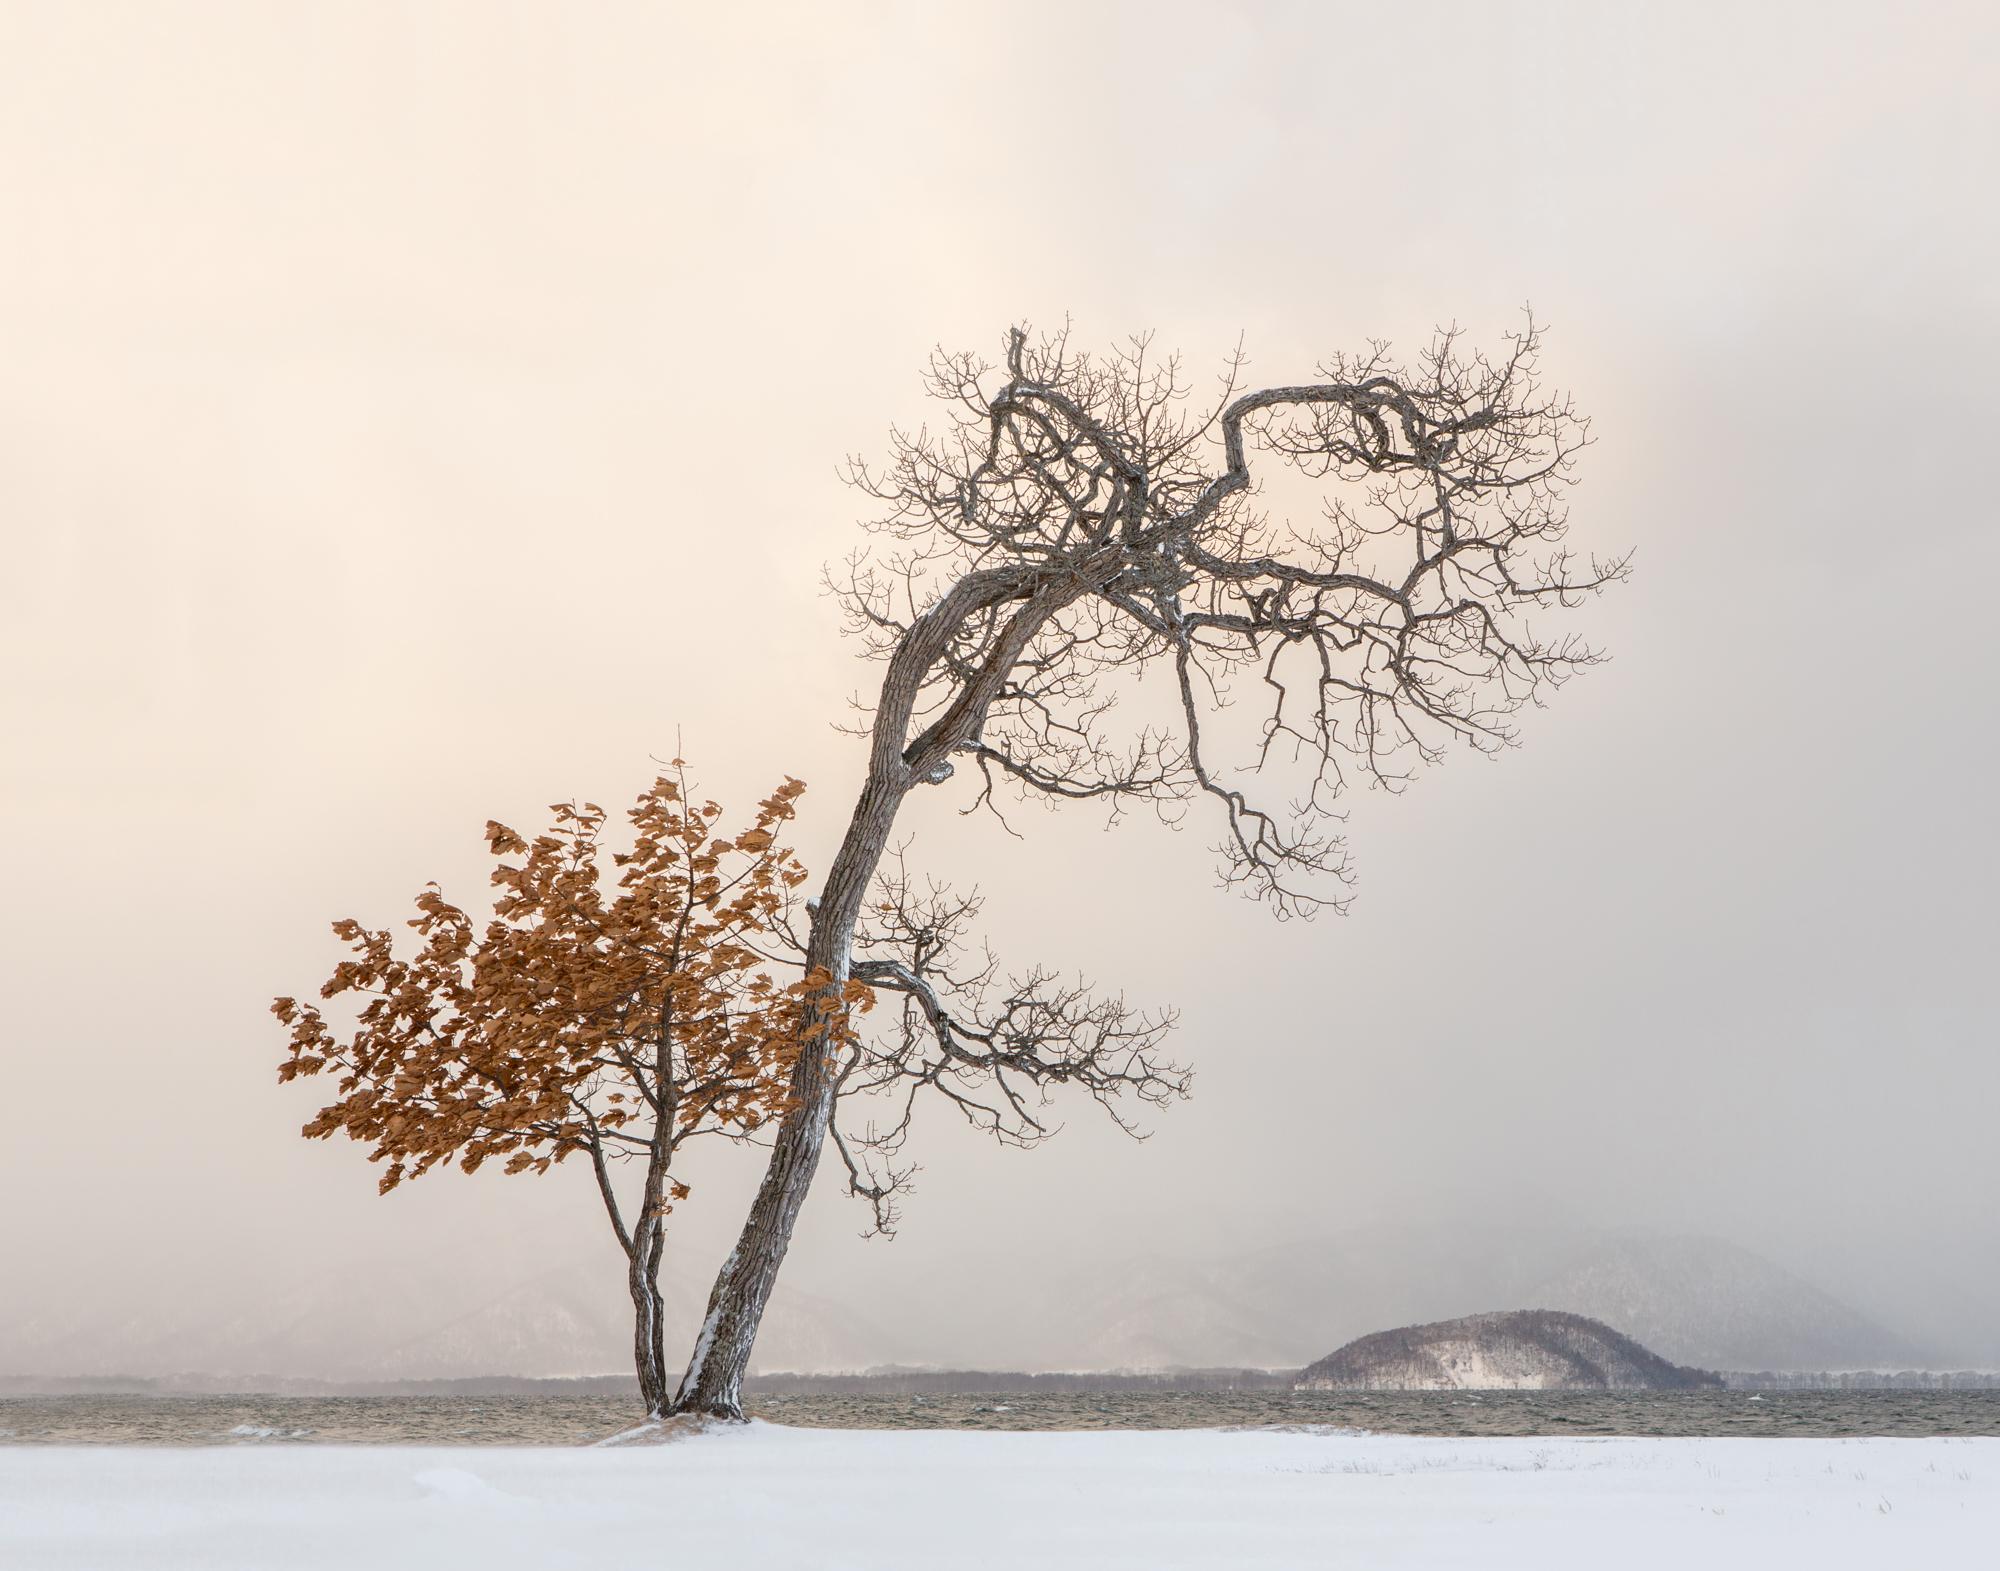 7. Lake Kusharro, Hokkaido, Japan